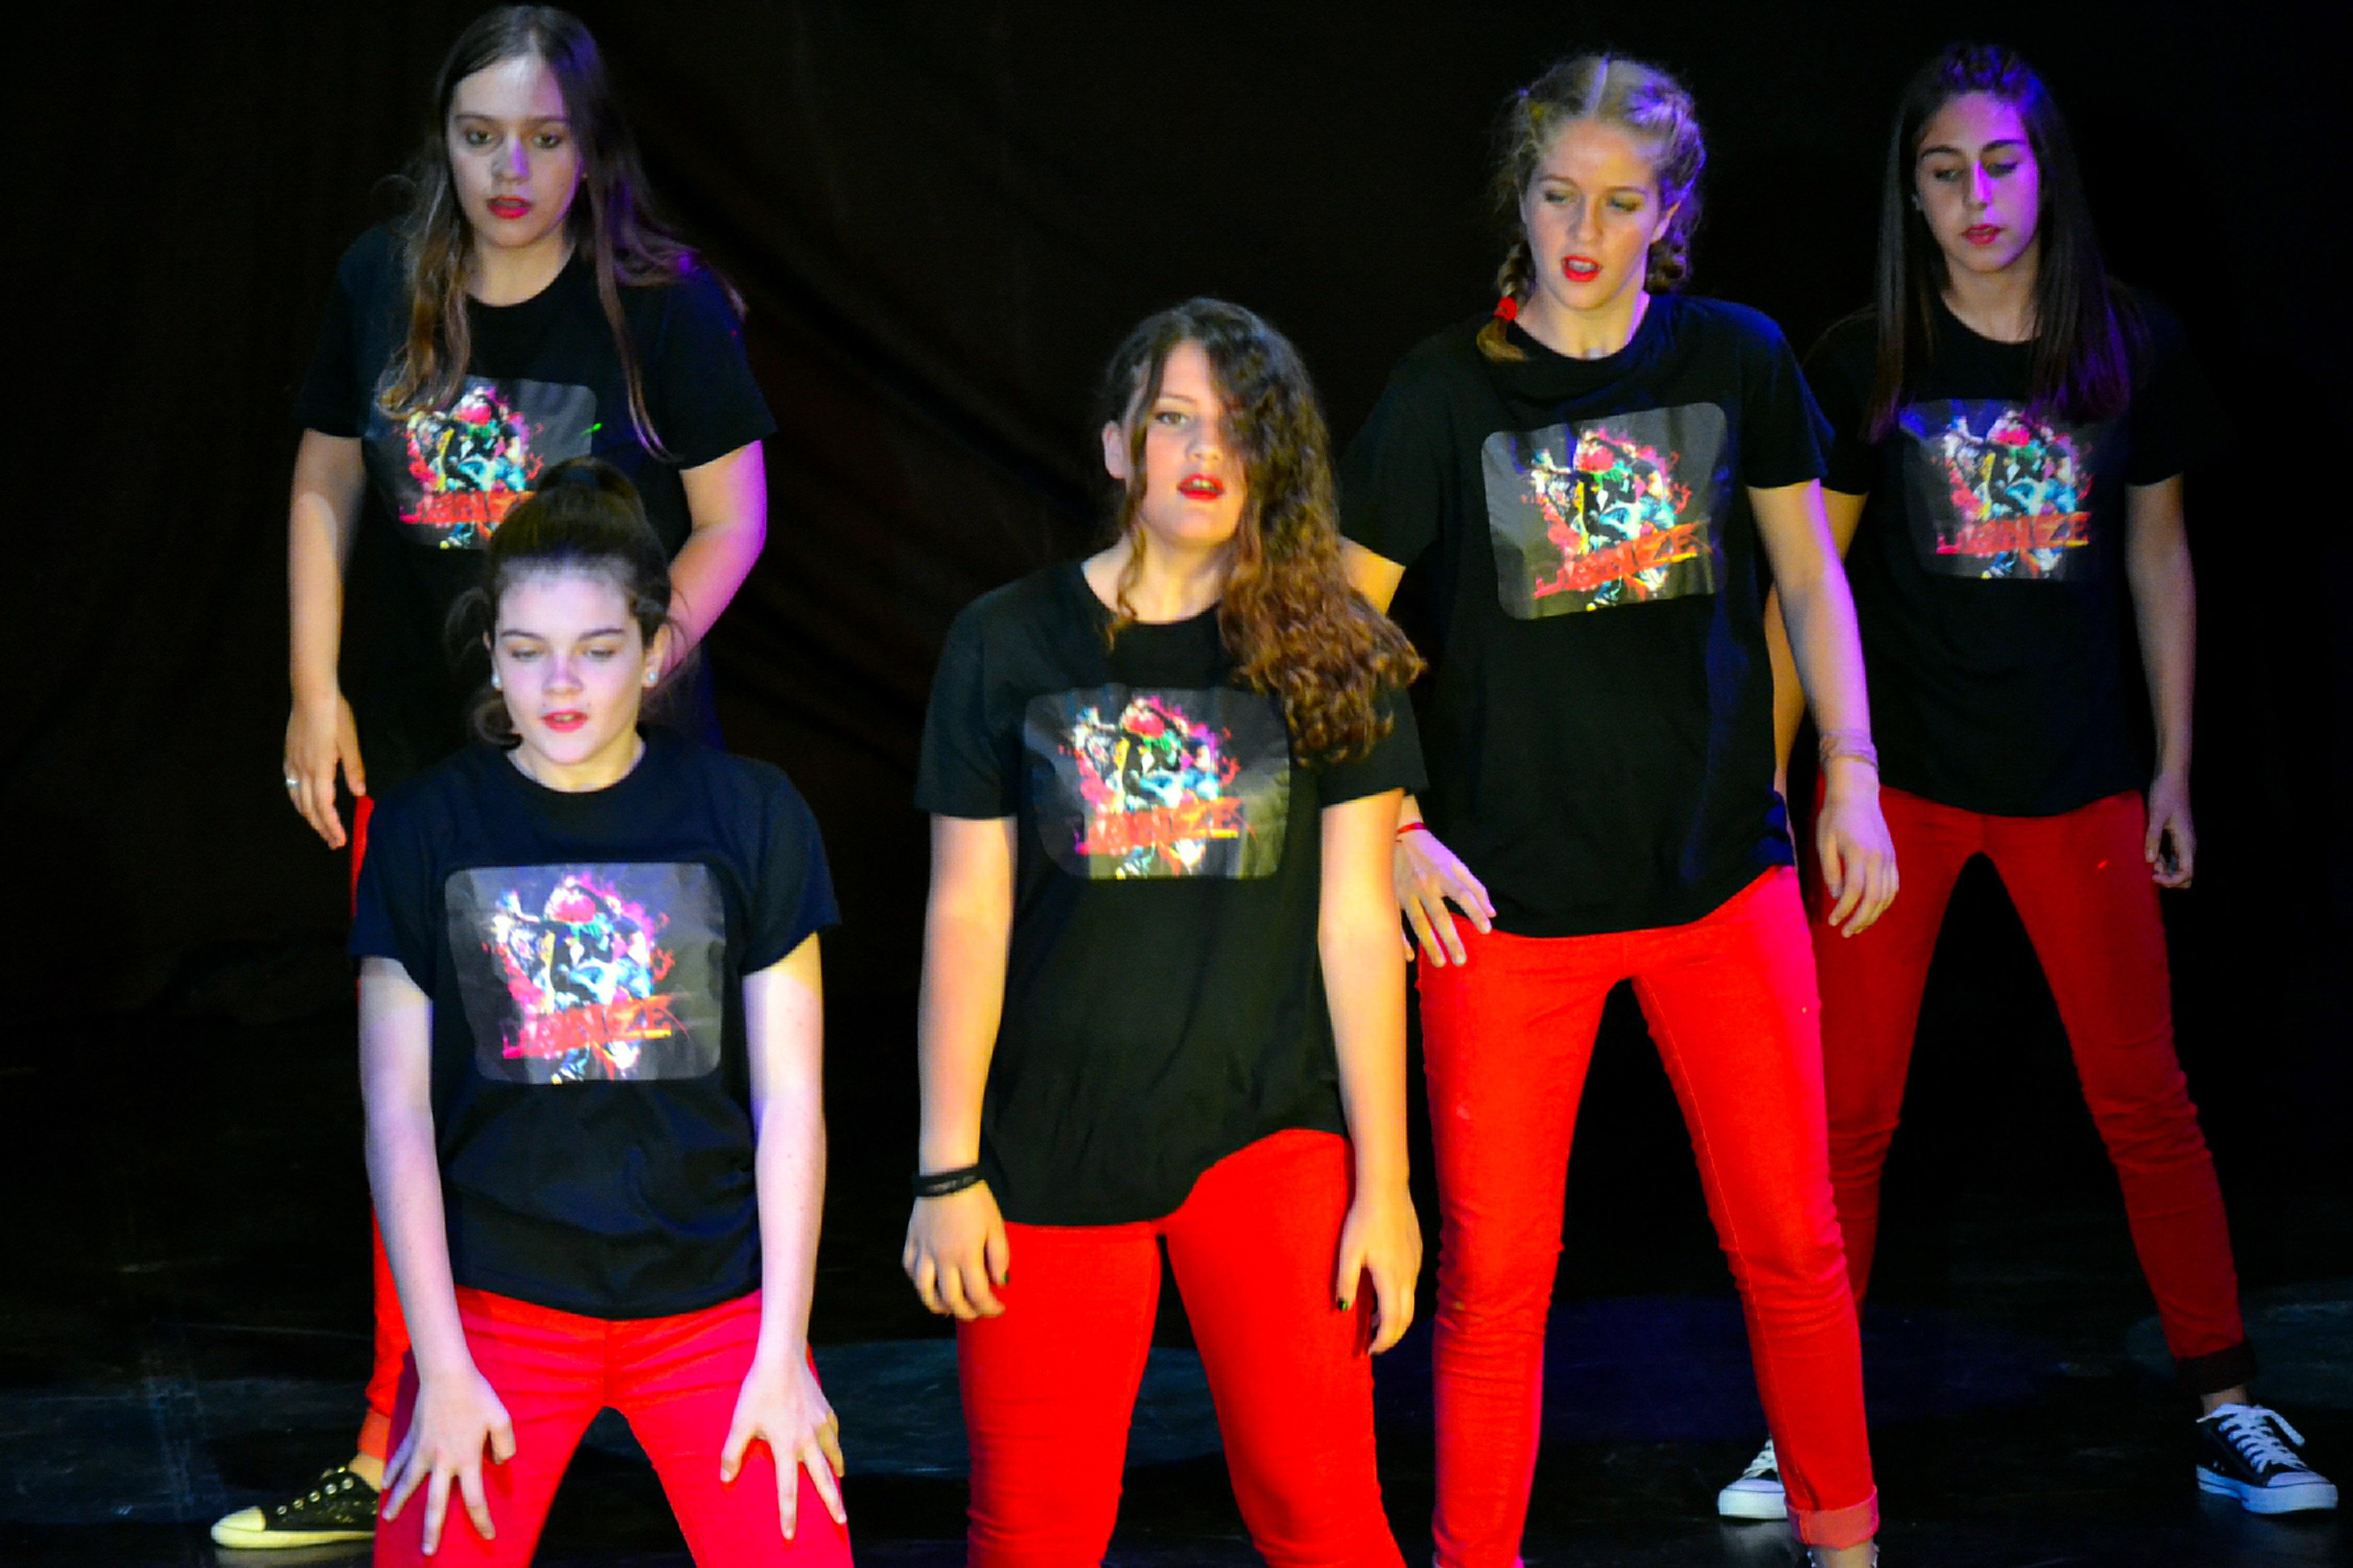 Linea-de-Baile-festival-verano-2015-clases-de-baile-valencia-155